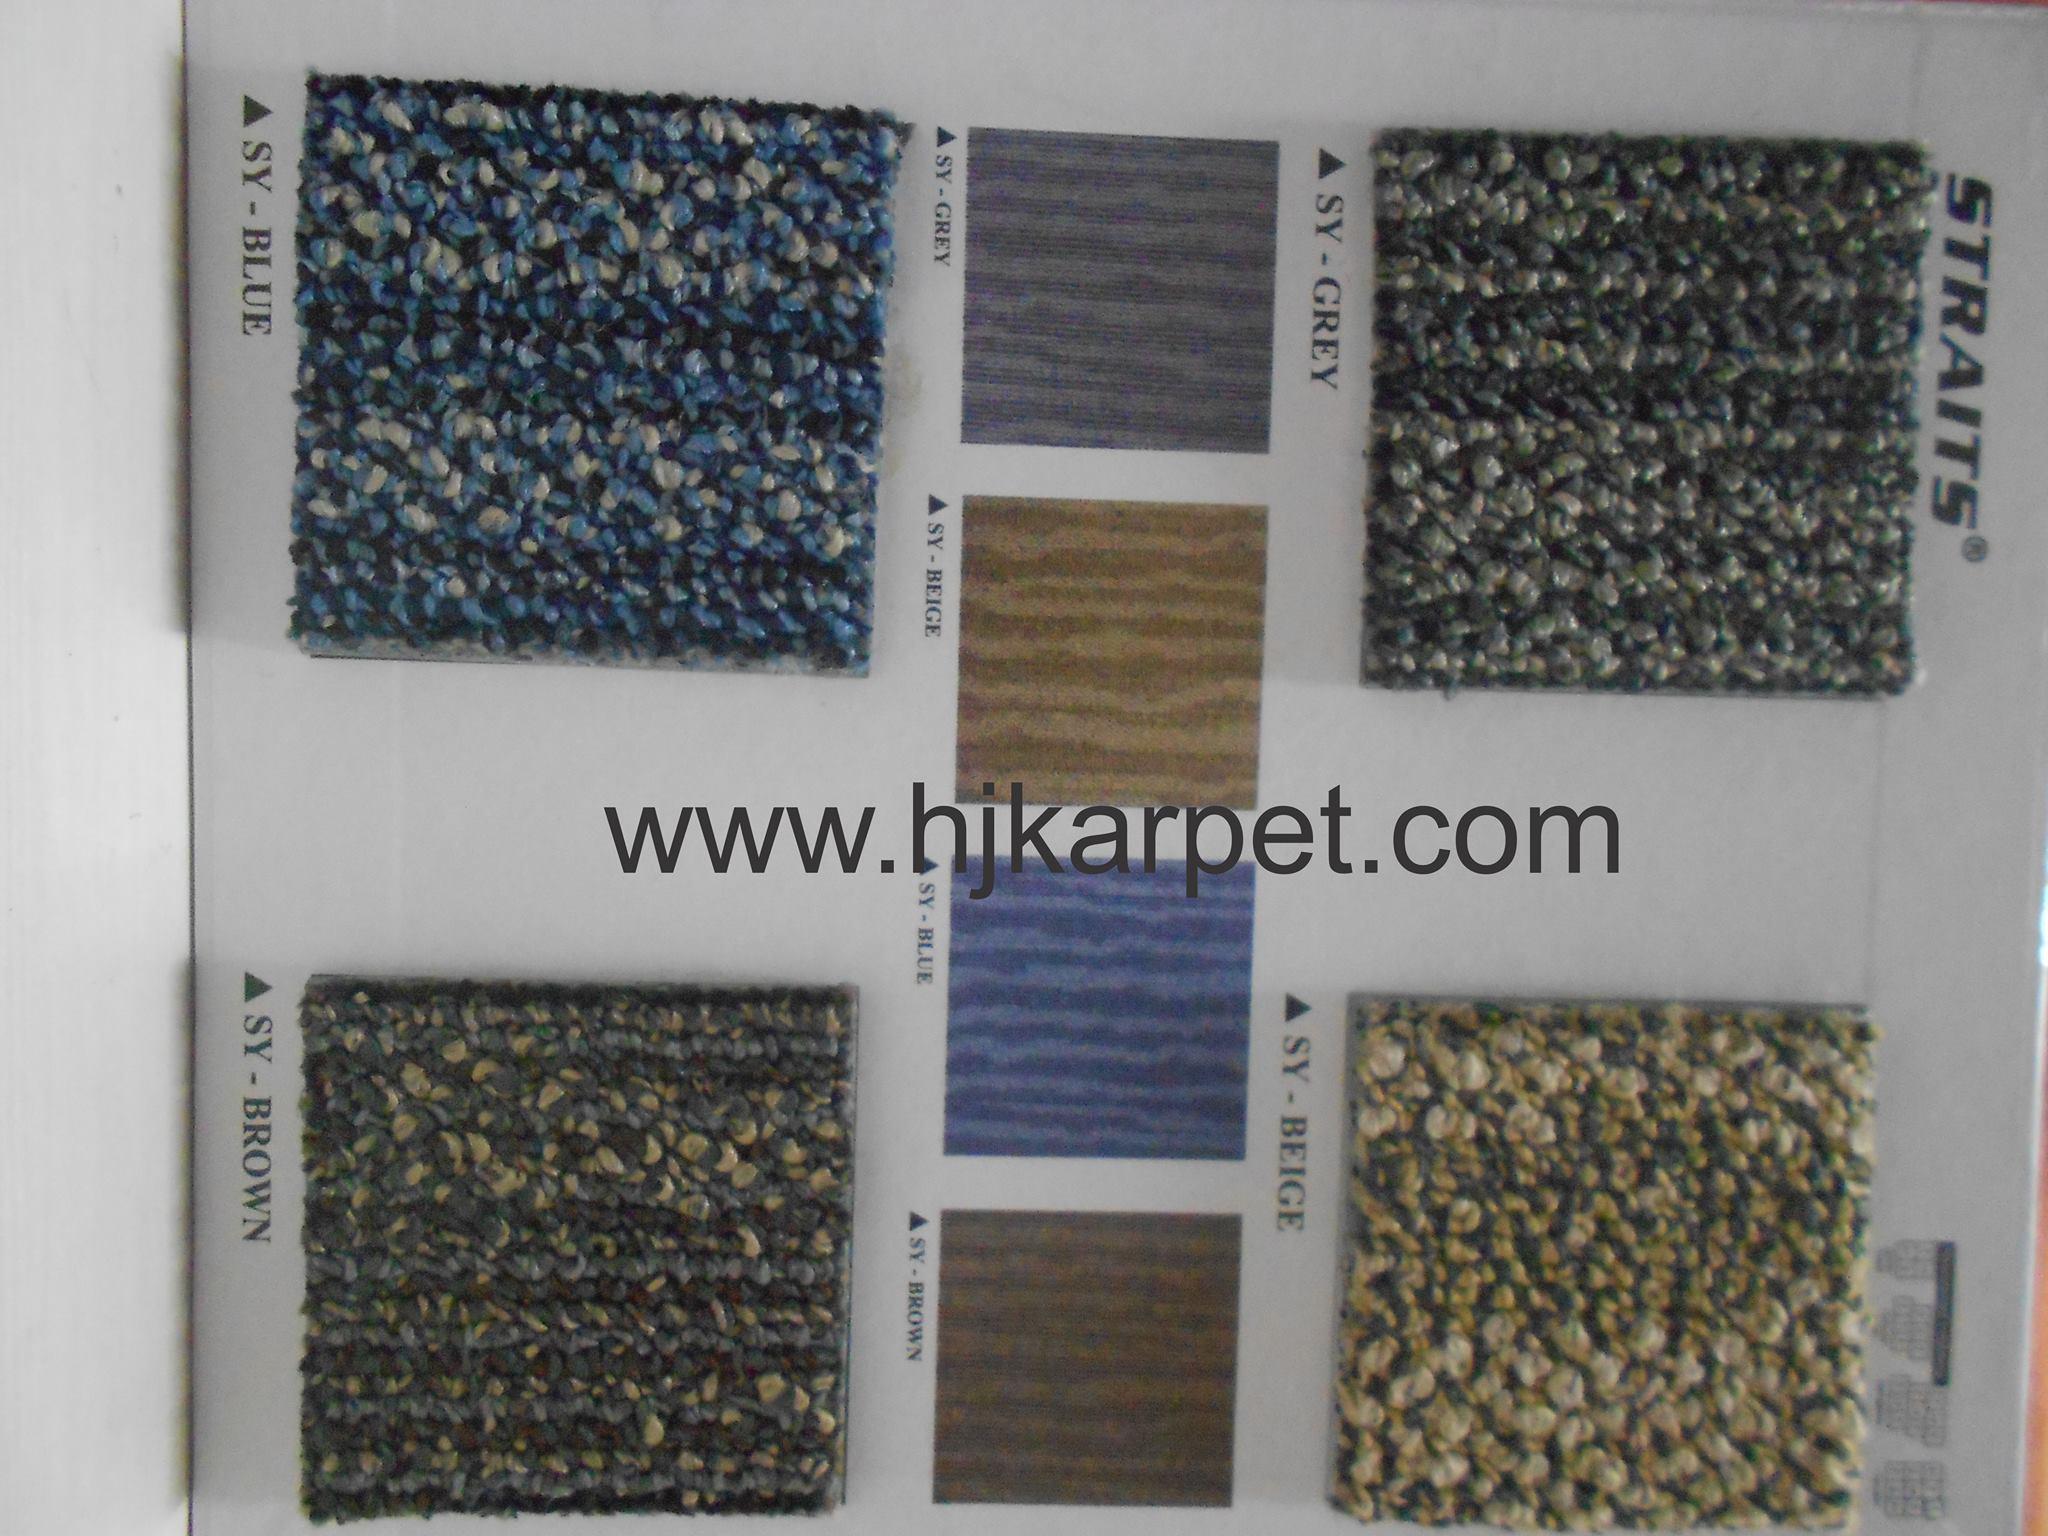 Karpet Metropolitan HJ Karpet